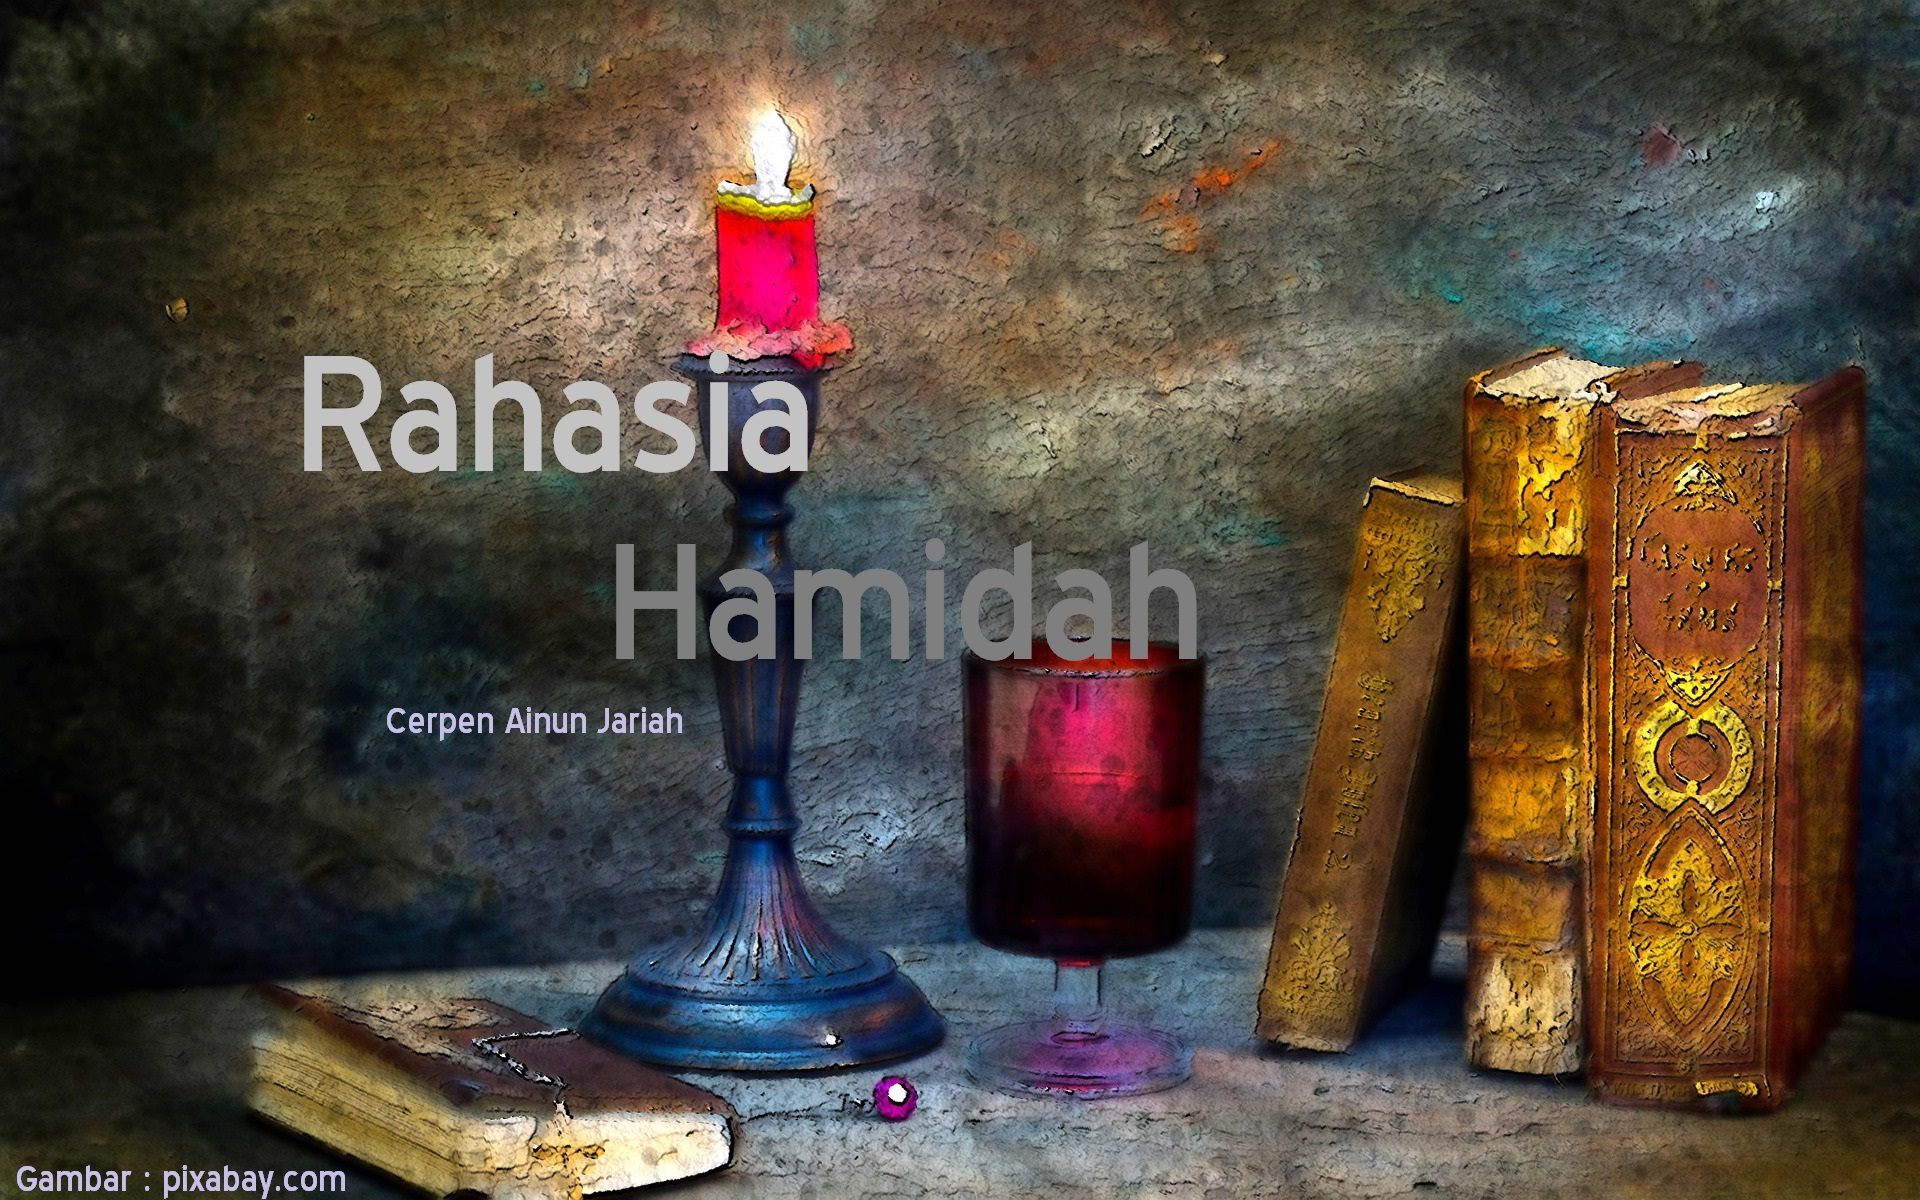 Rahasia Hamidah